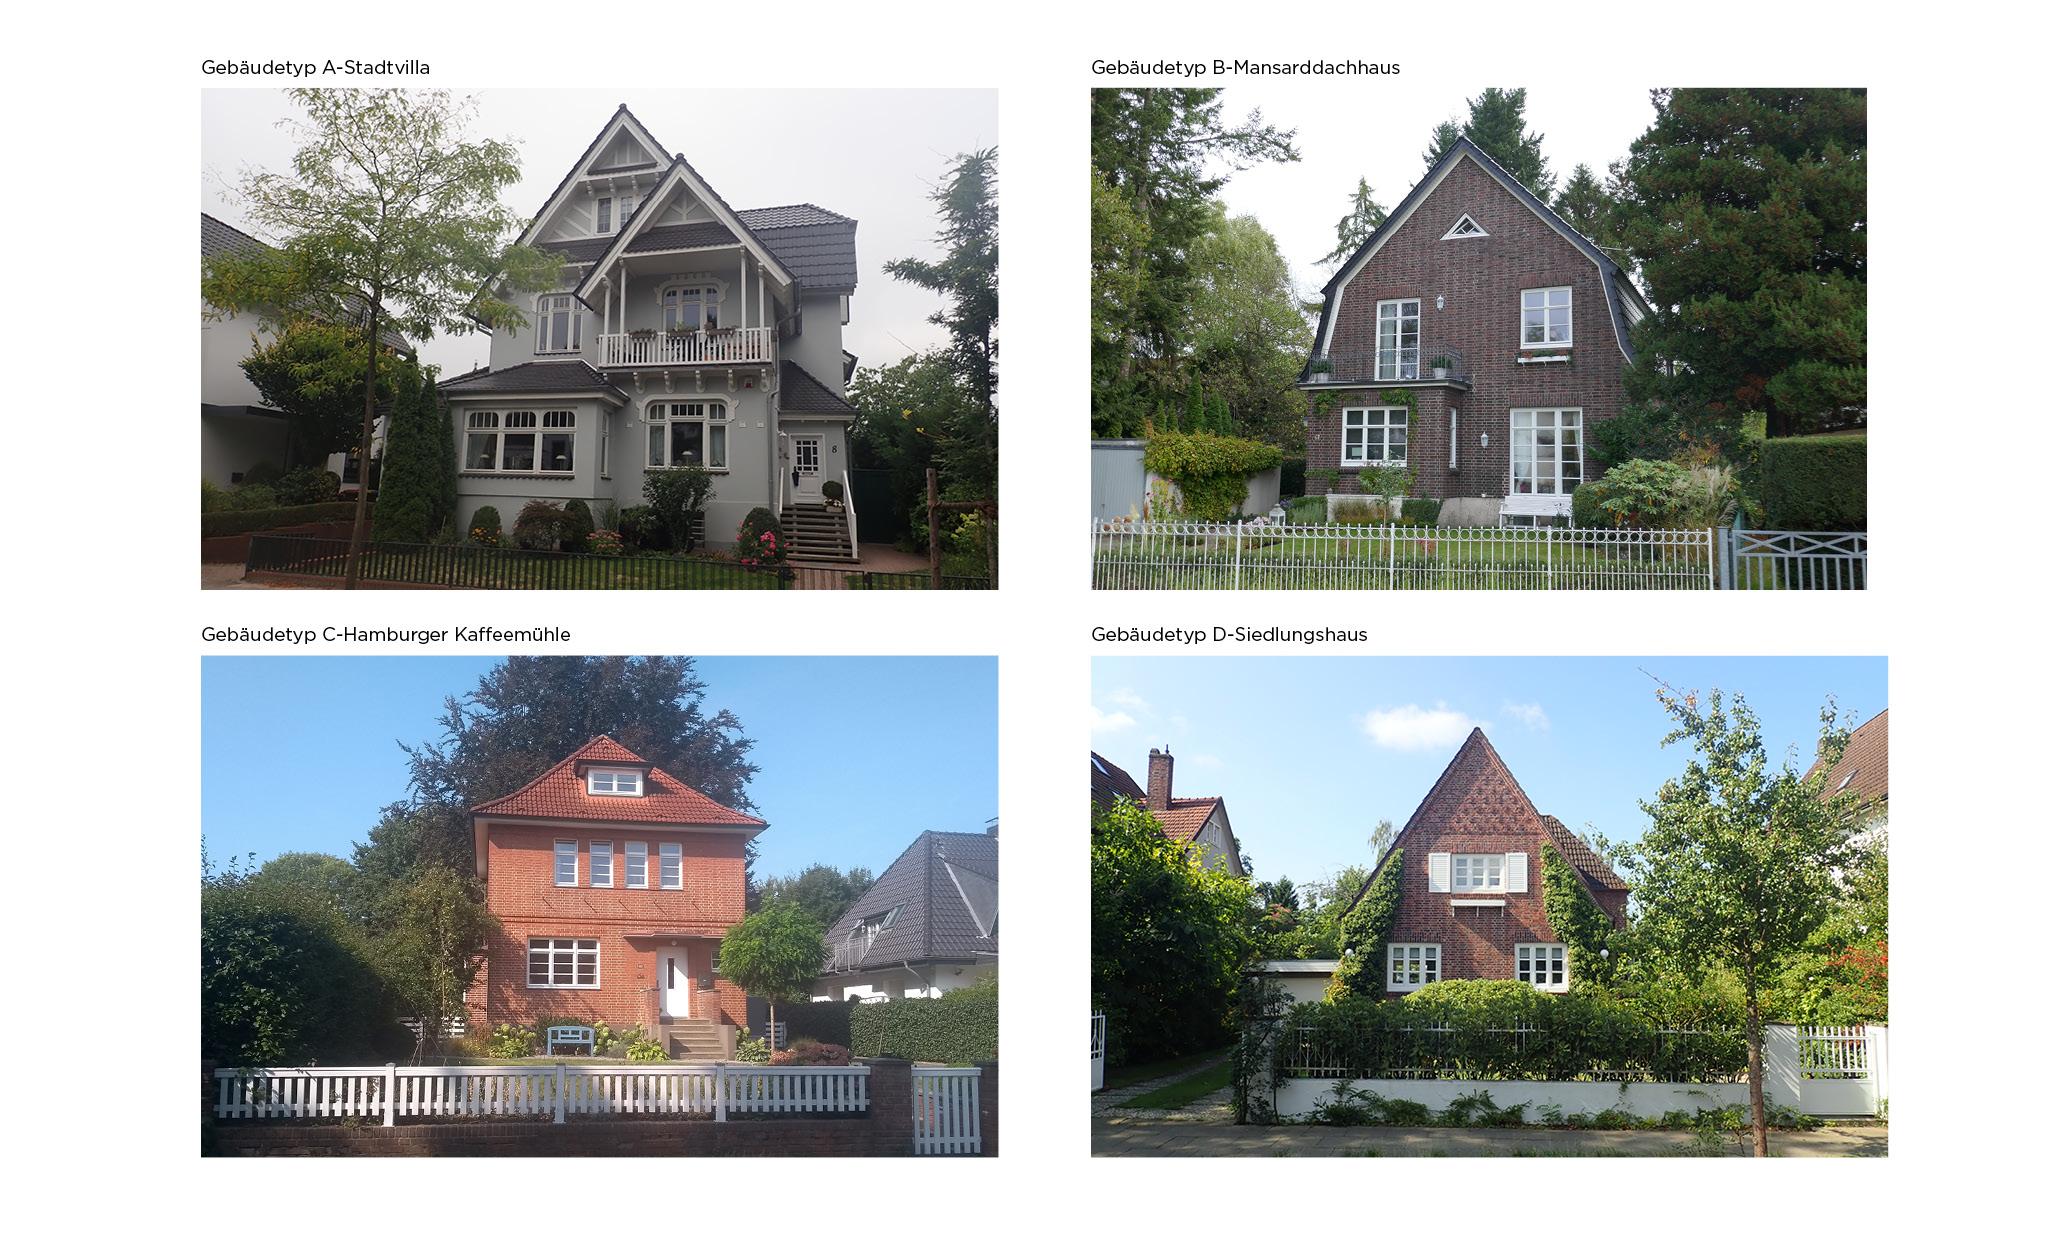 Rahlstedt Gebäudetypologien städtebauliche Gestalt